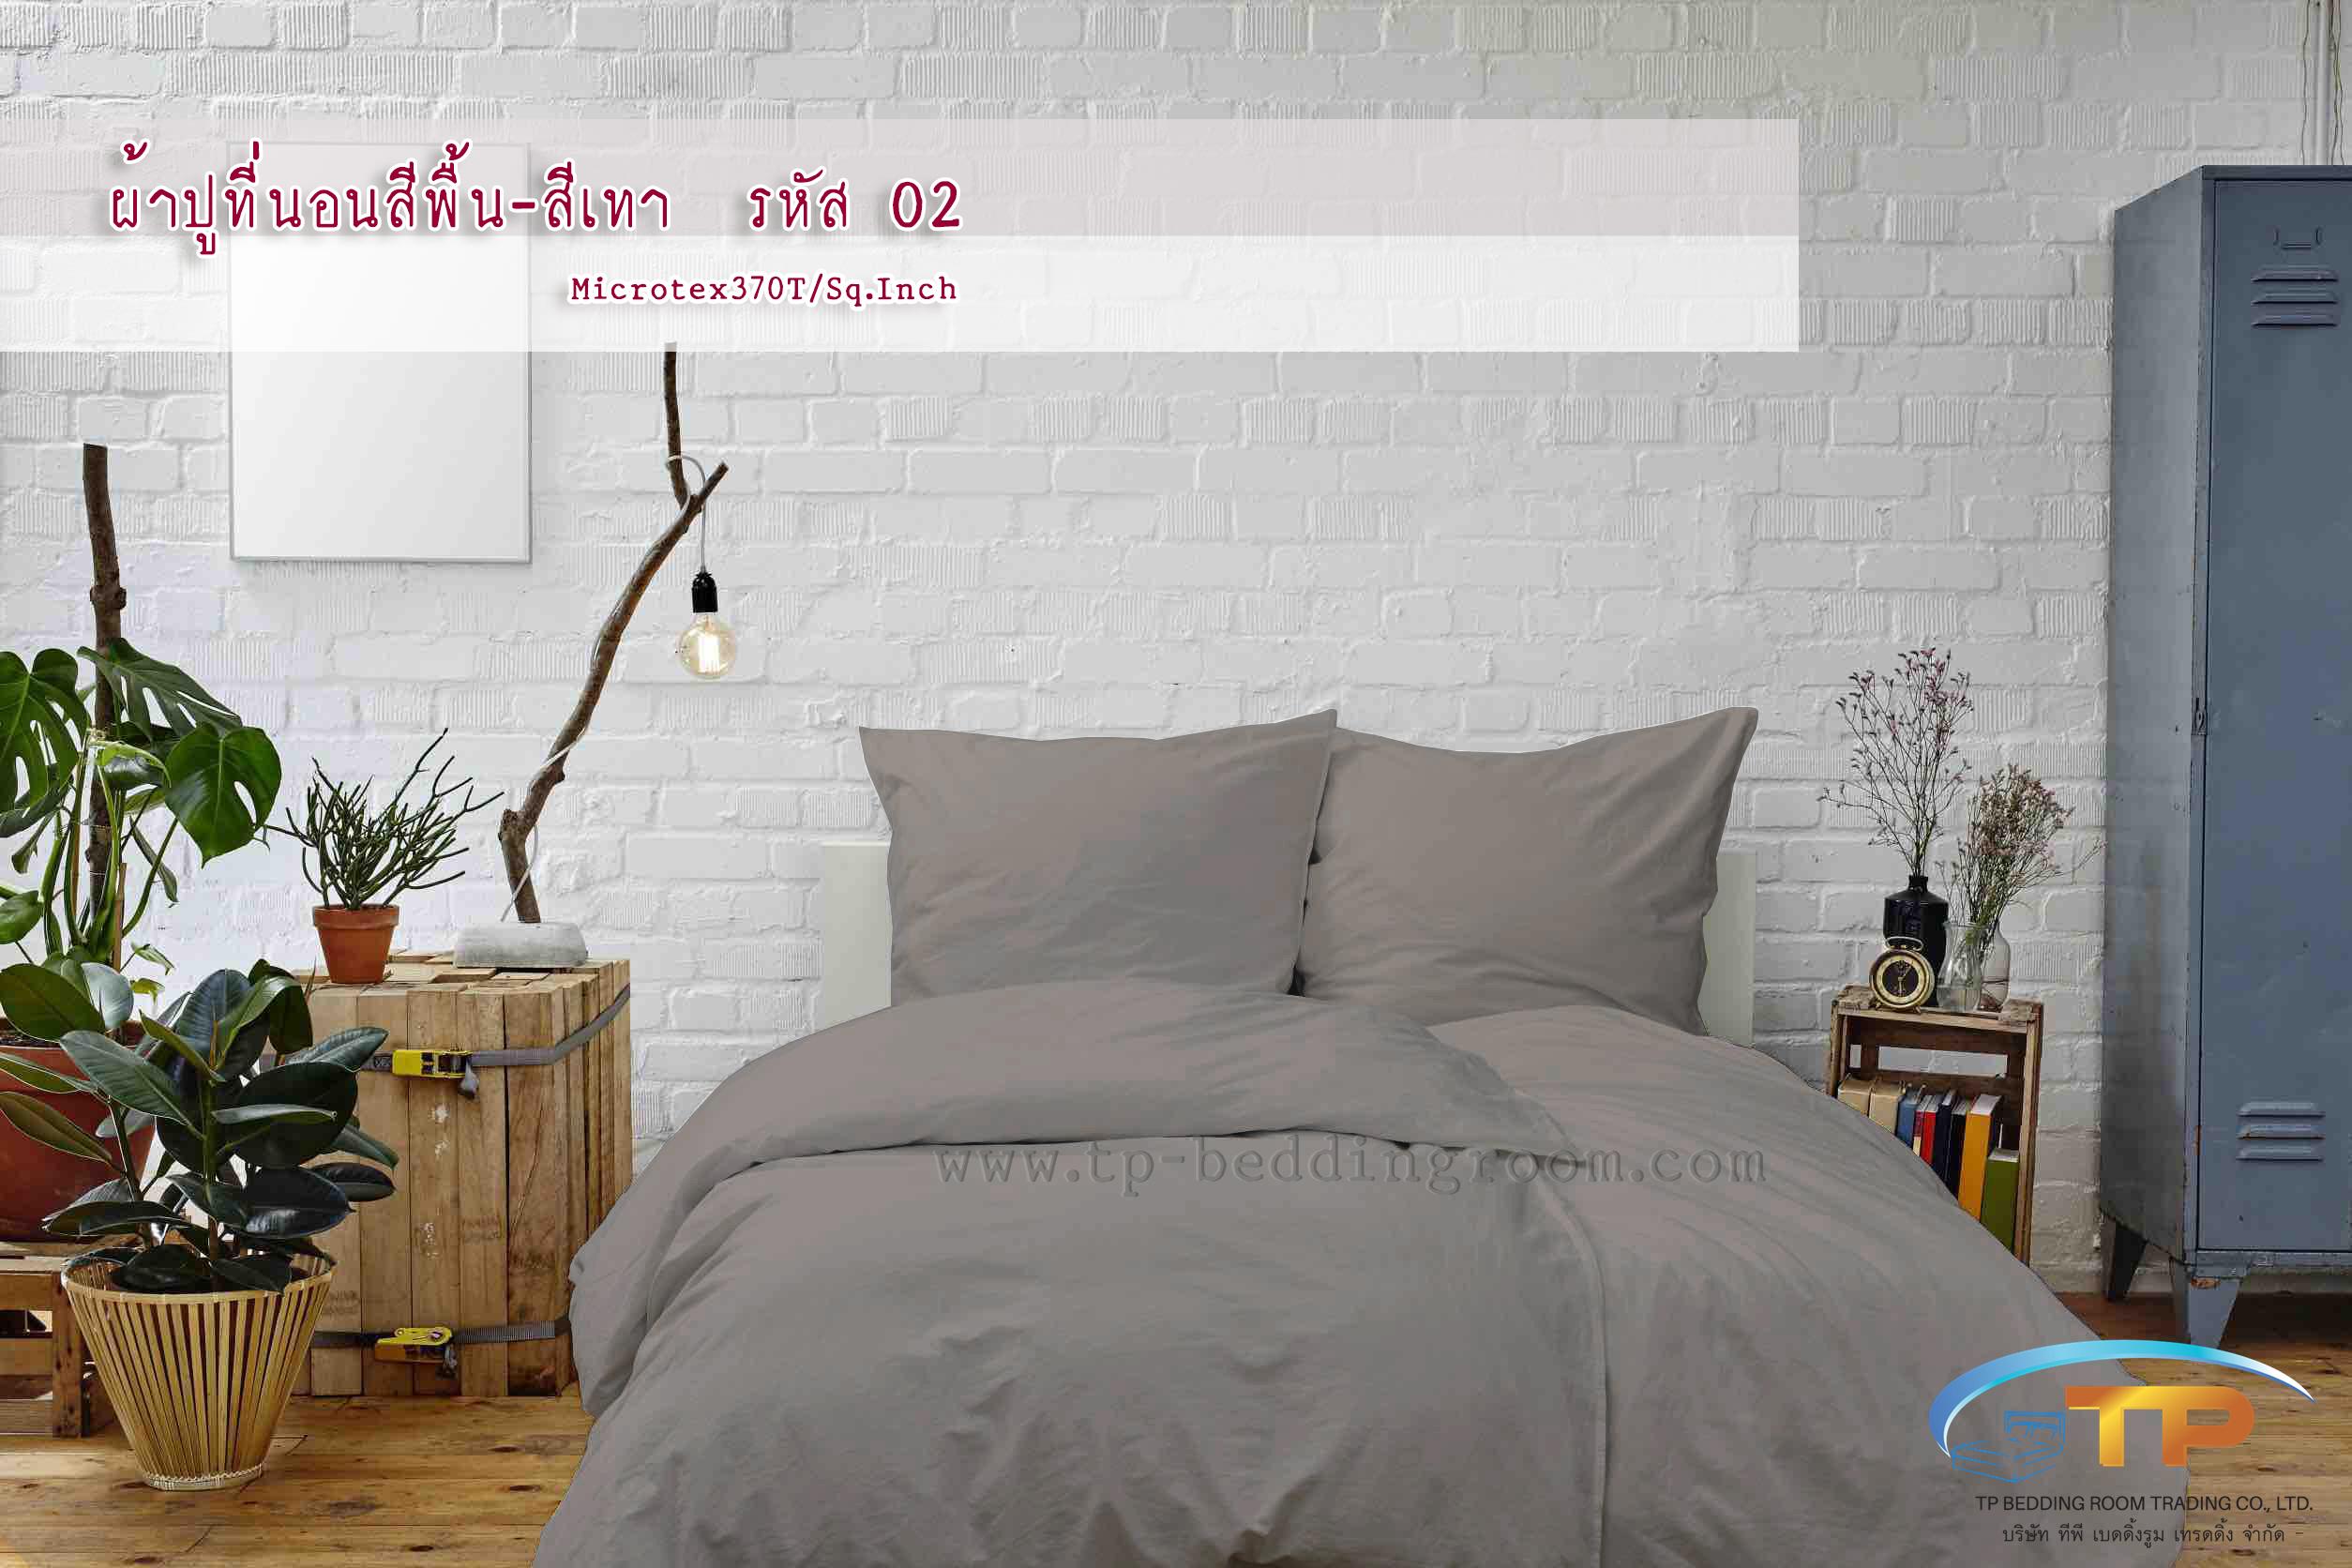 ผ้าปูที่นอนสีเทา รหัส 02